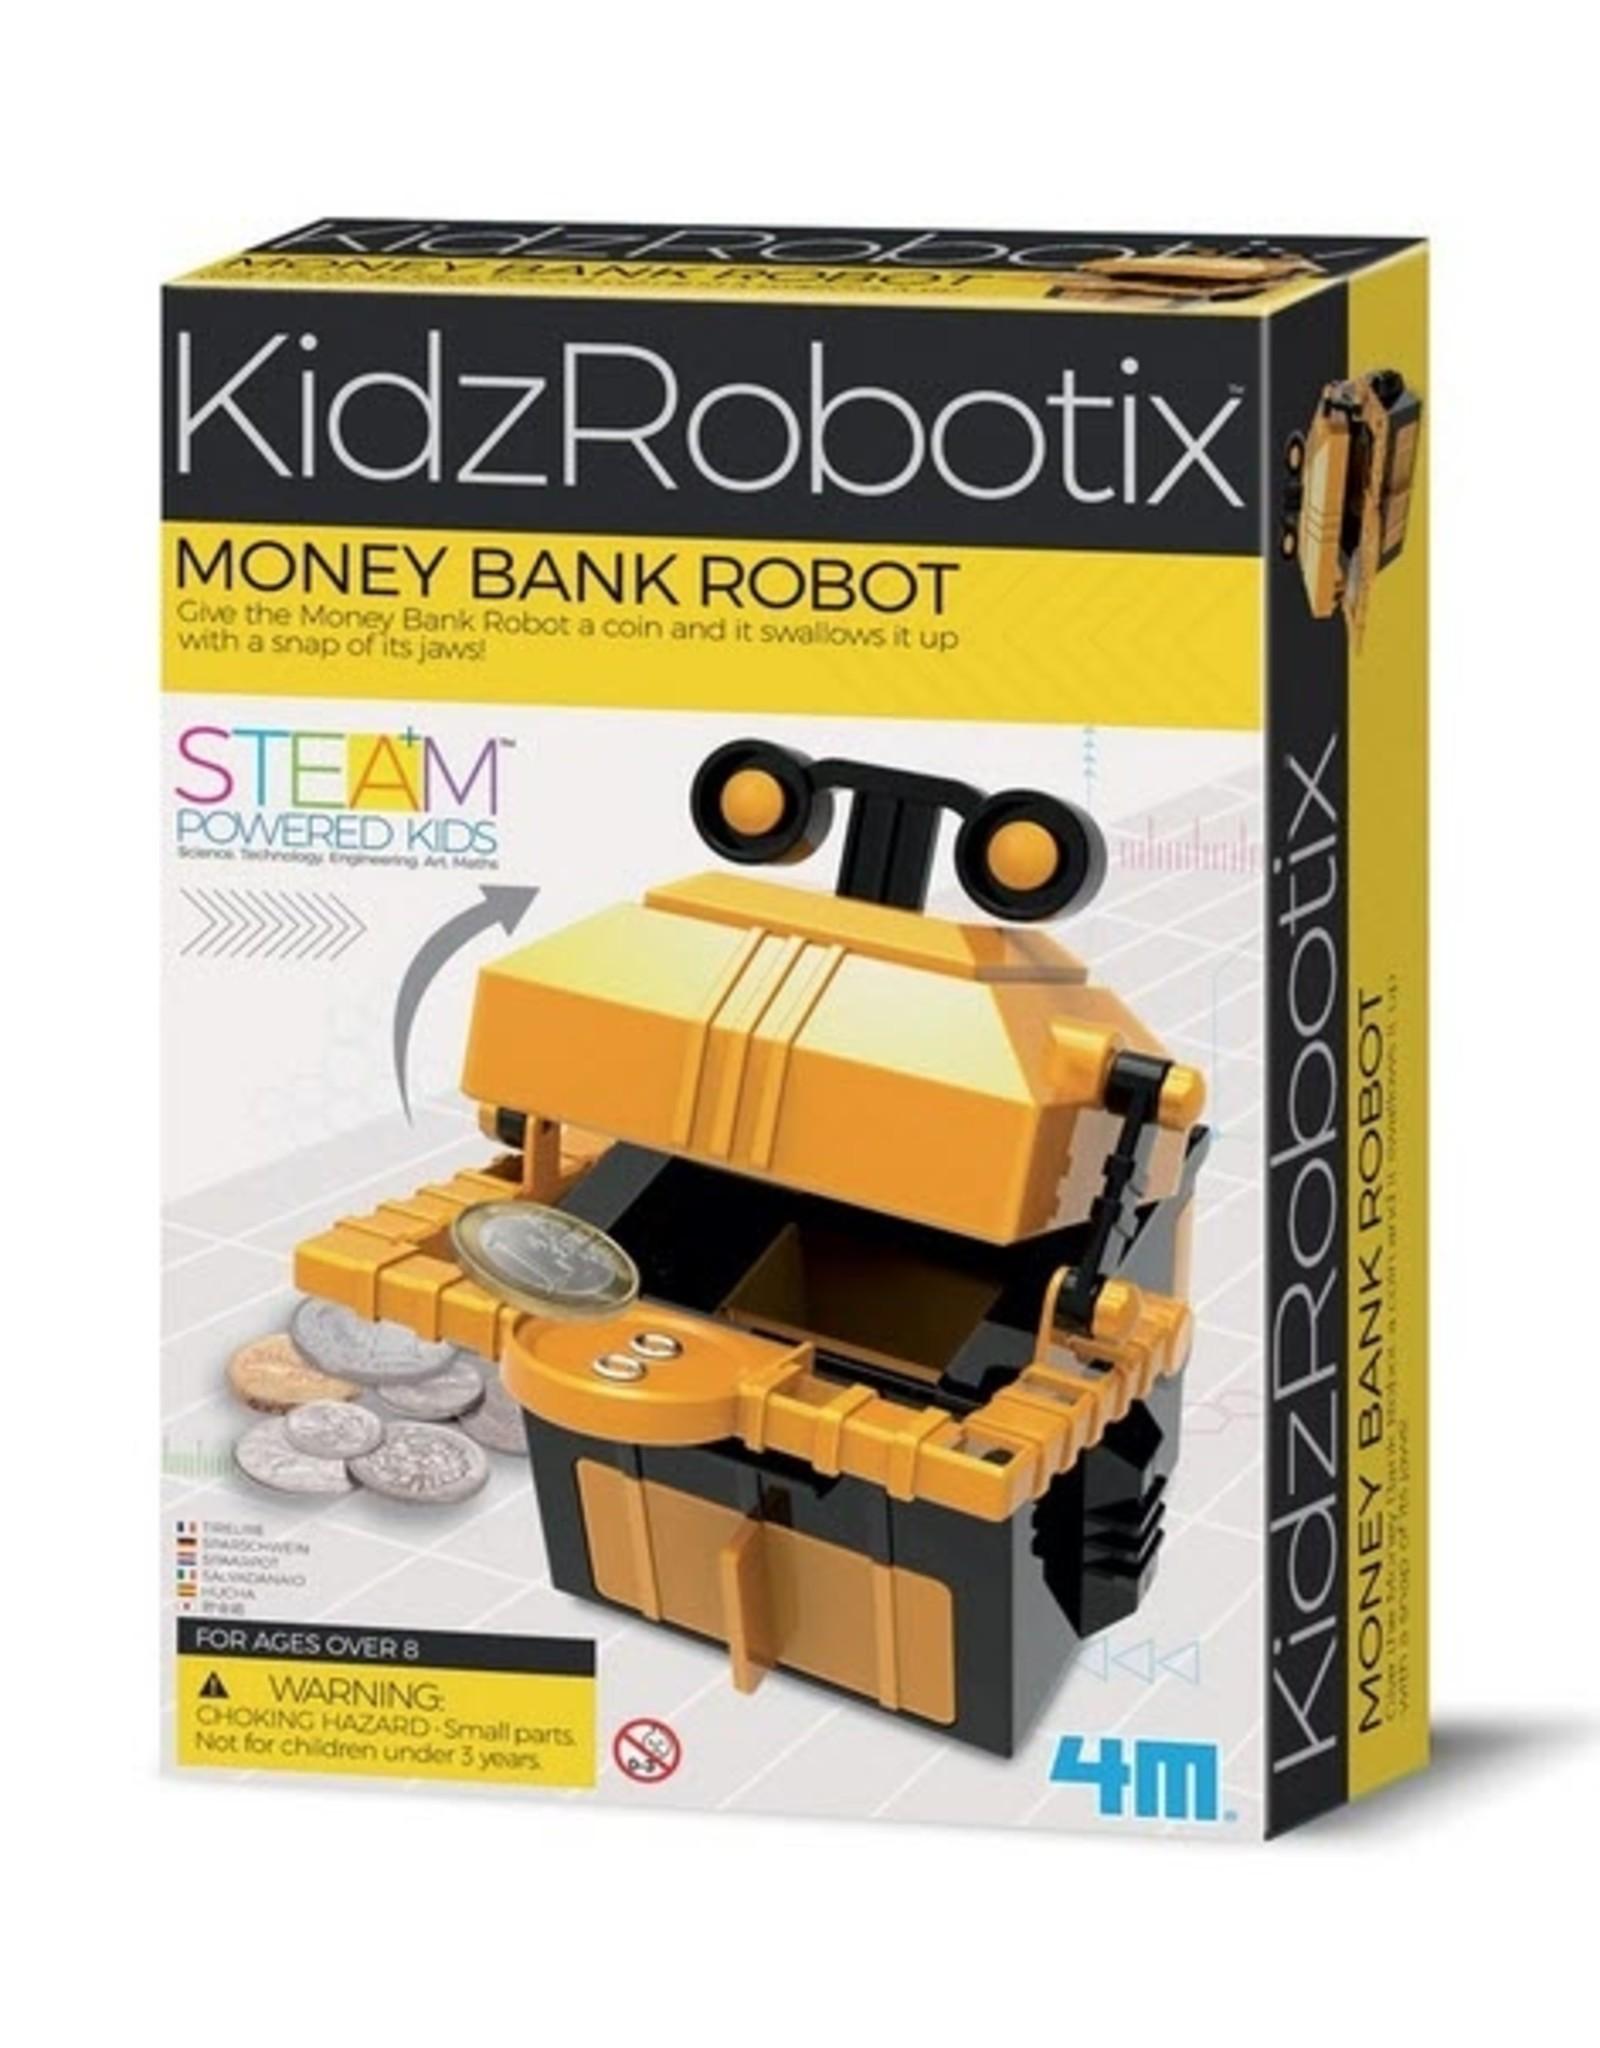 4M 4M - KidzRobotix  Money Bank Robot